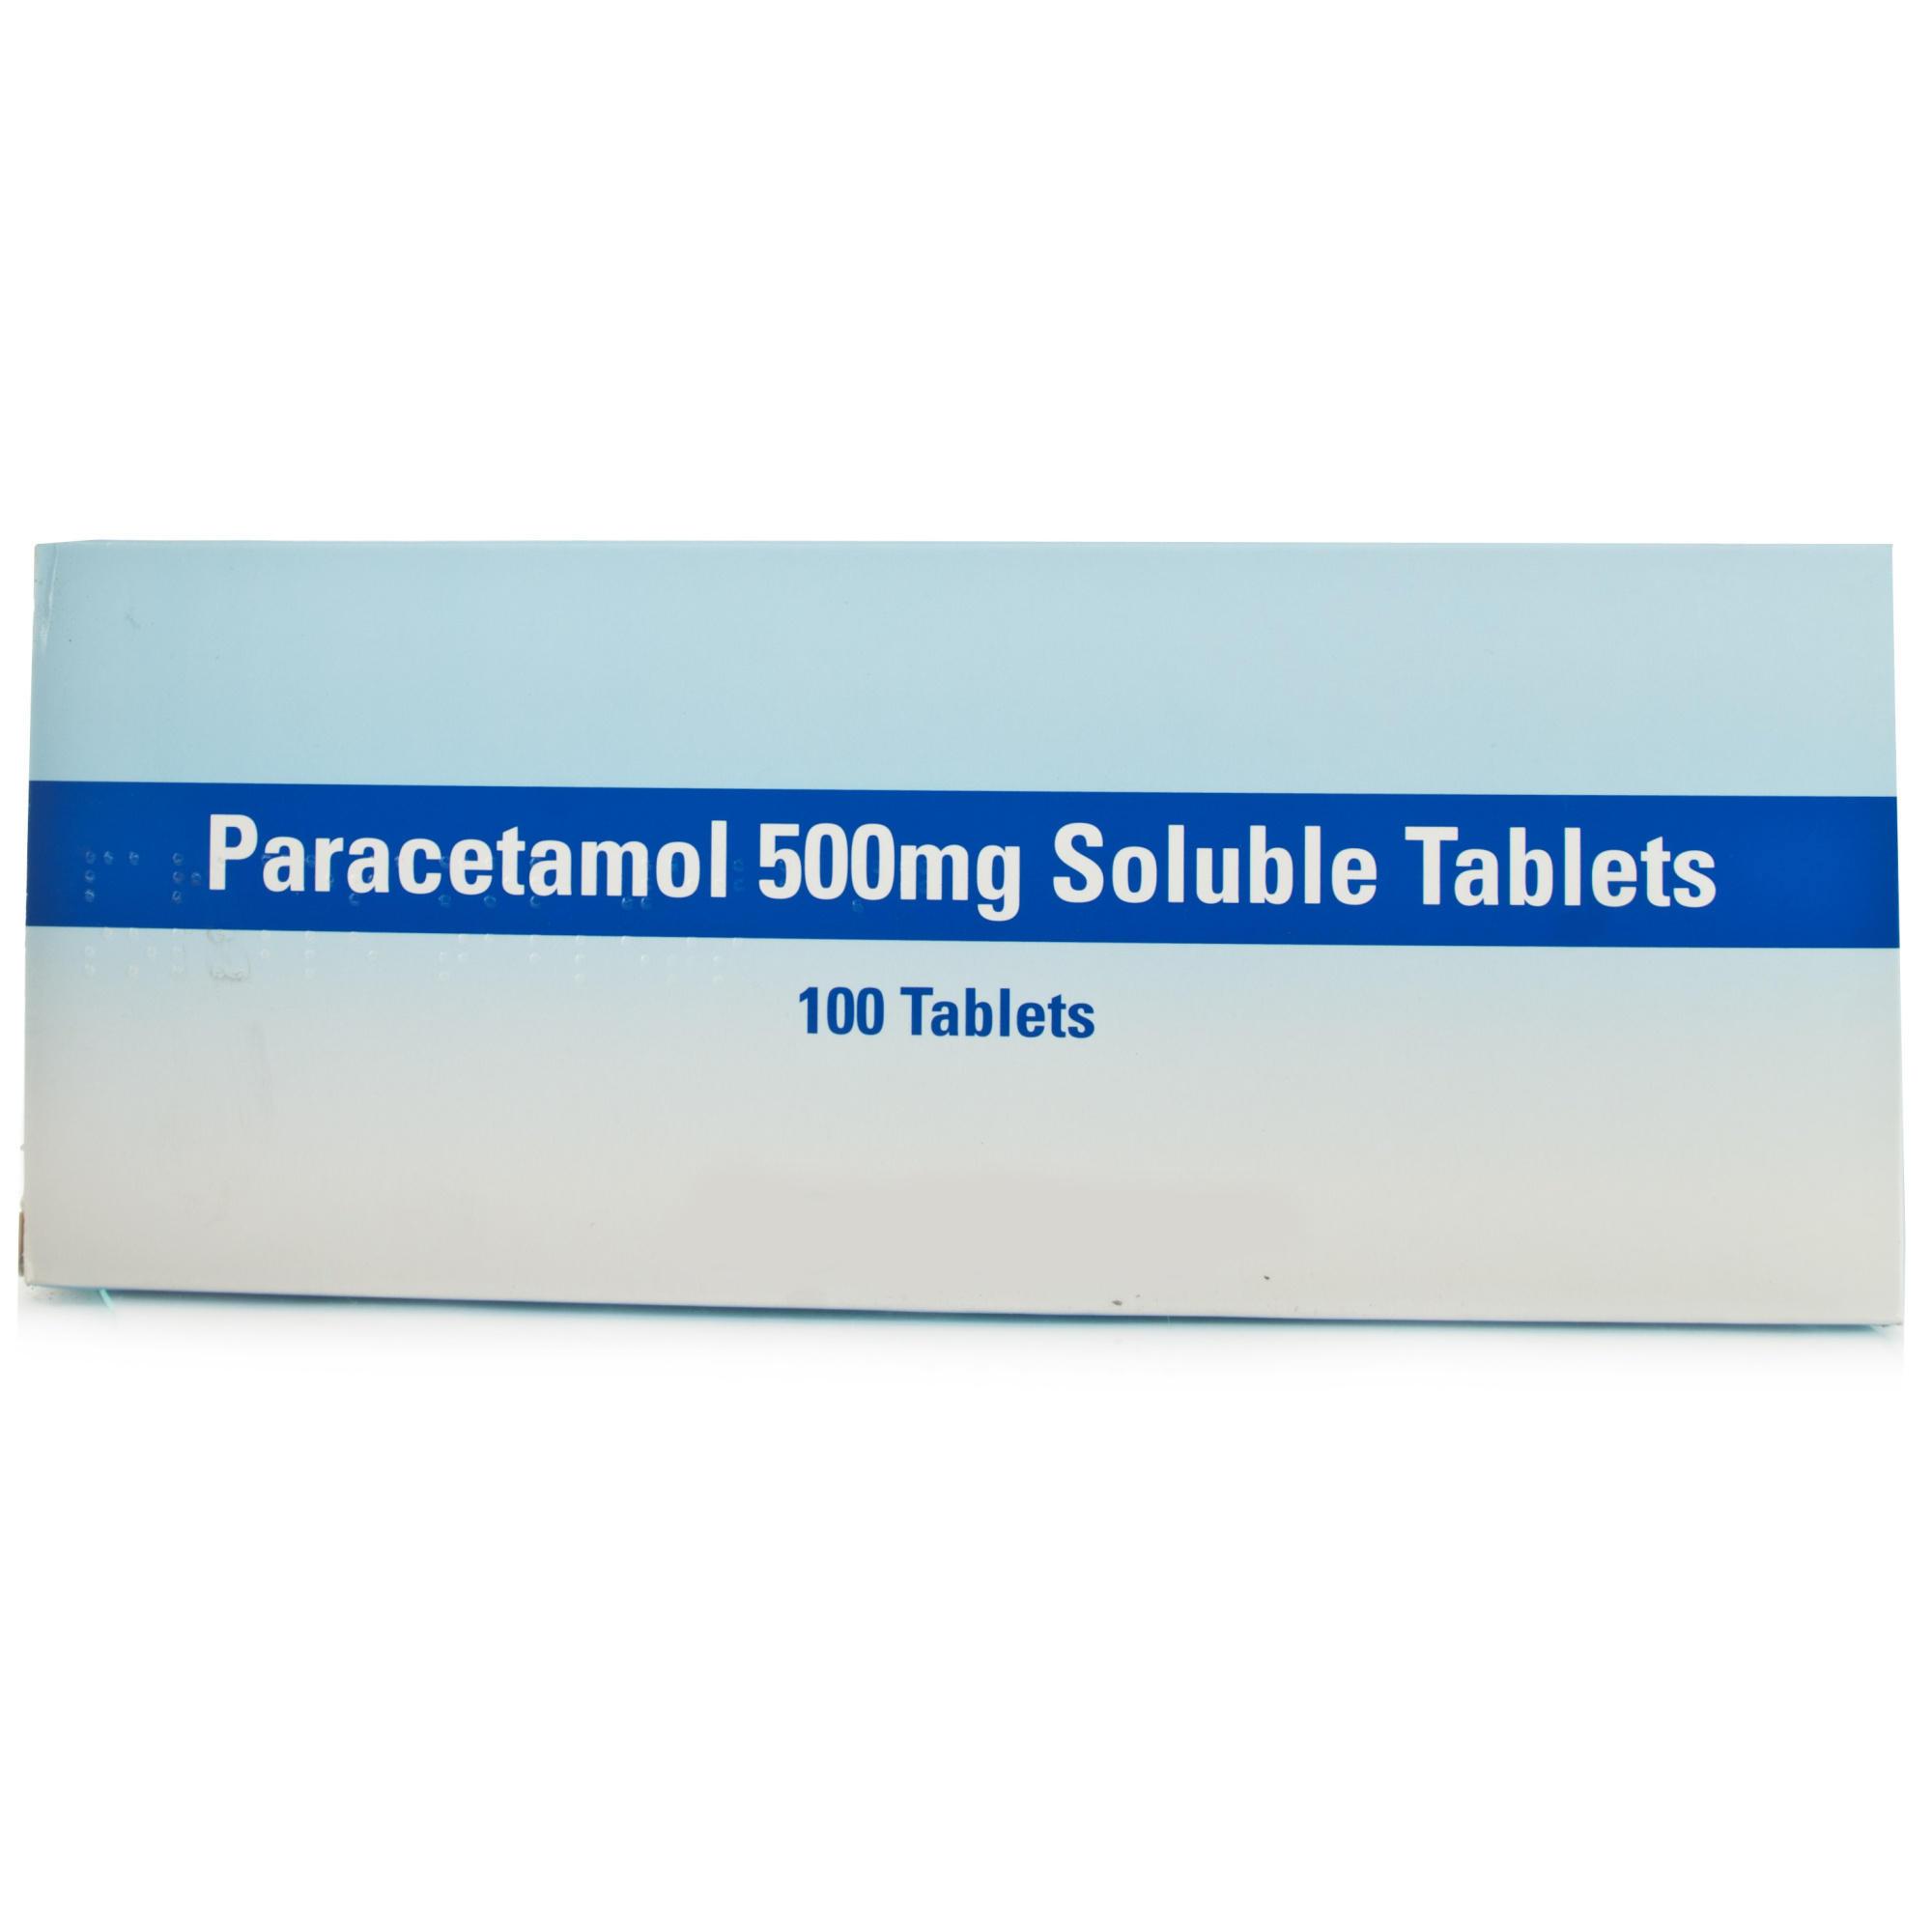 Paracetamol Soluble Tablets 100 X 500mg Chemist 4 U